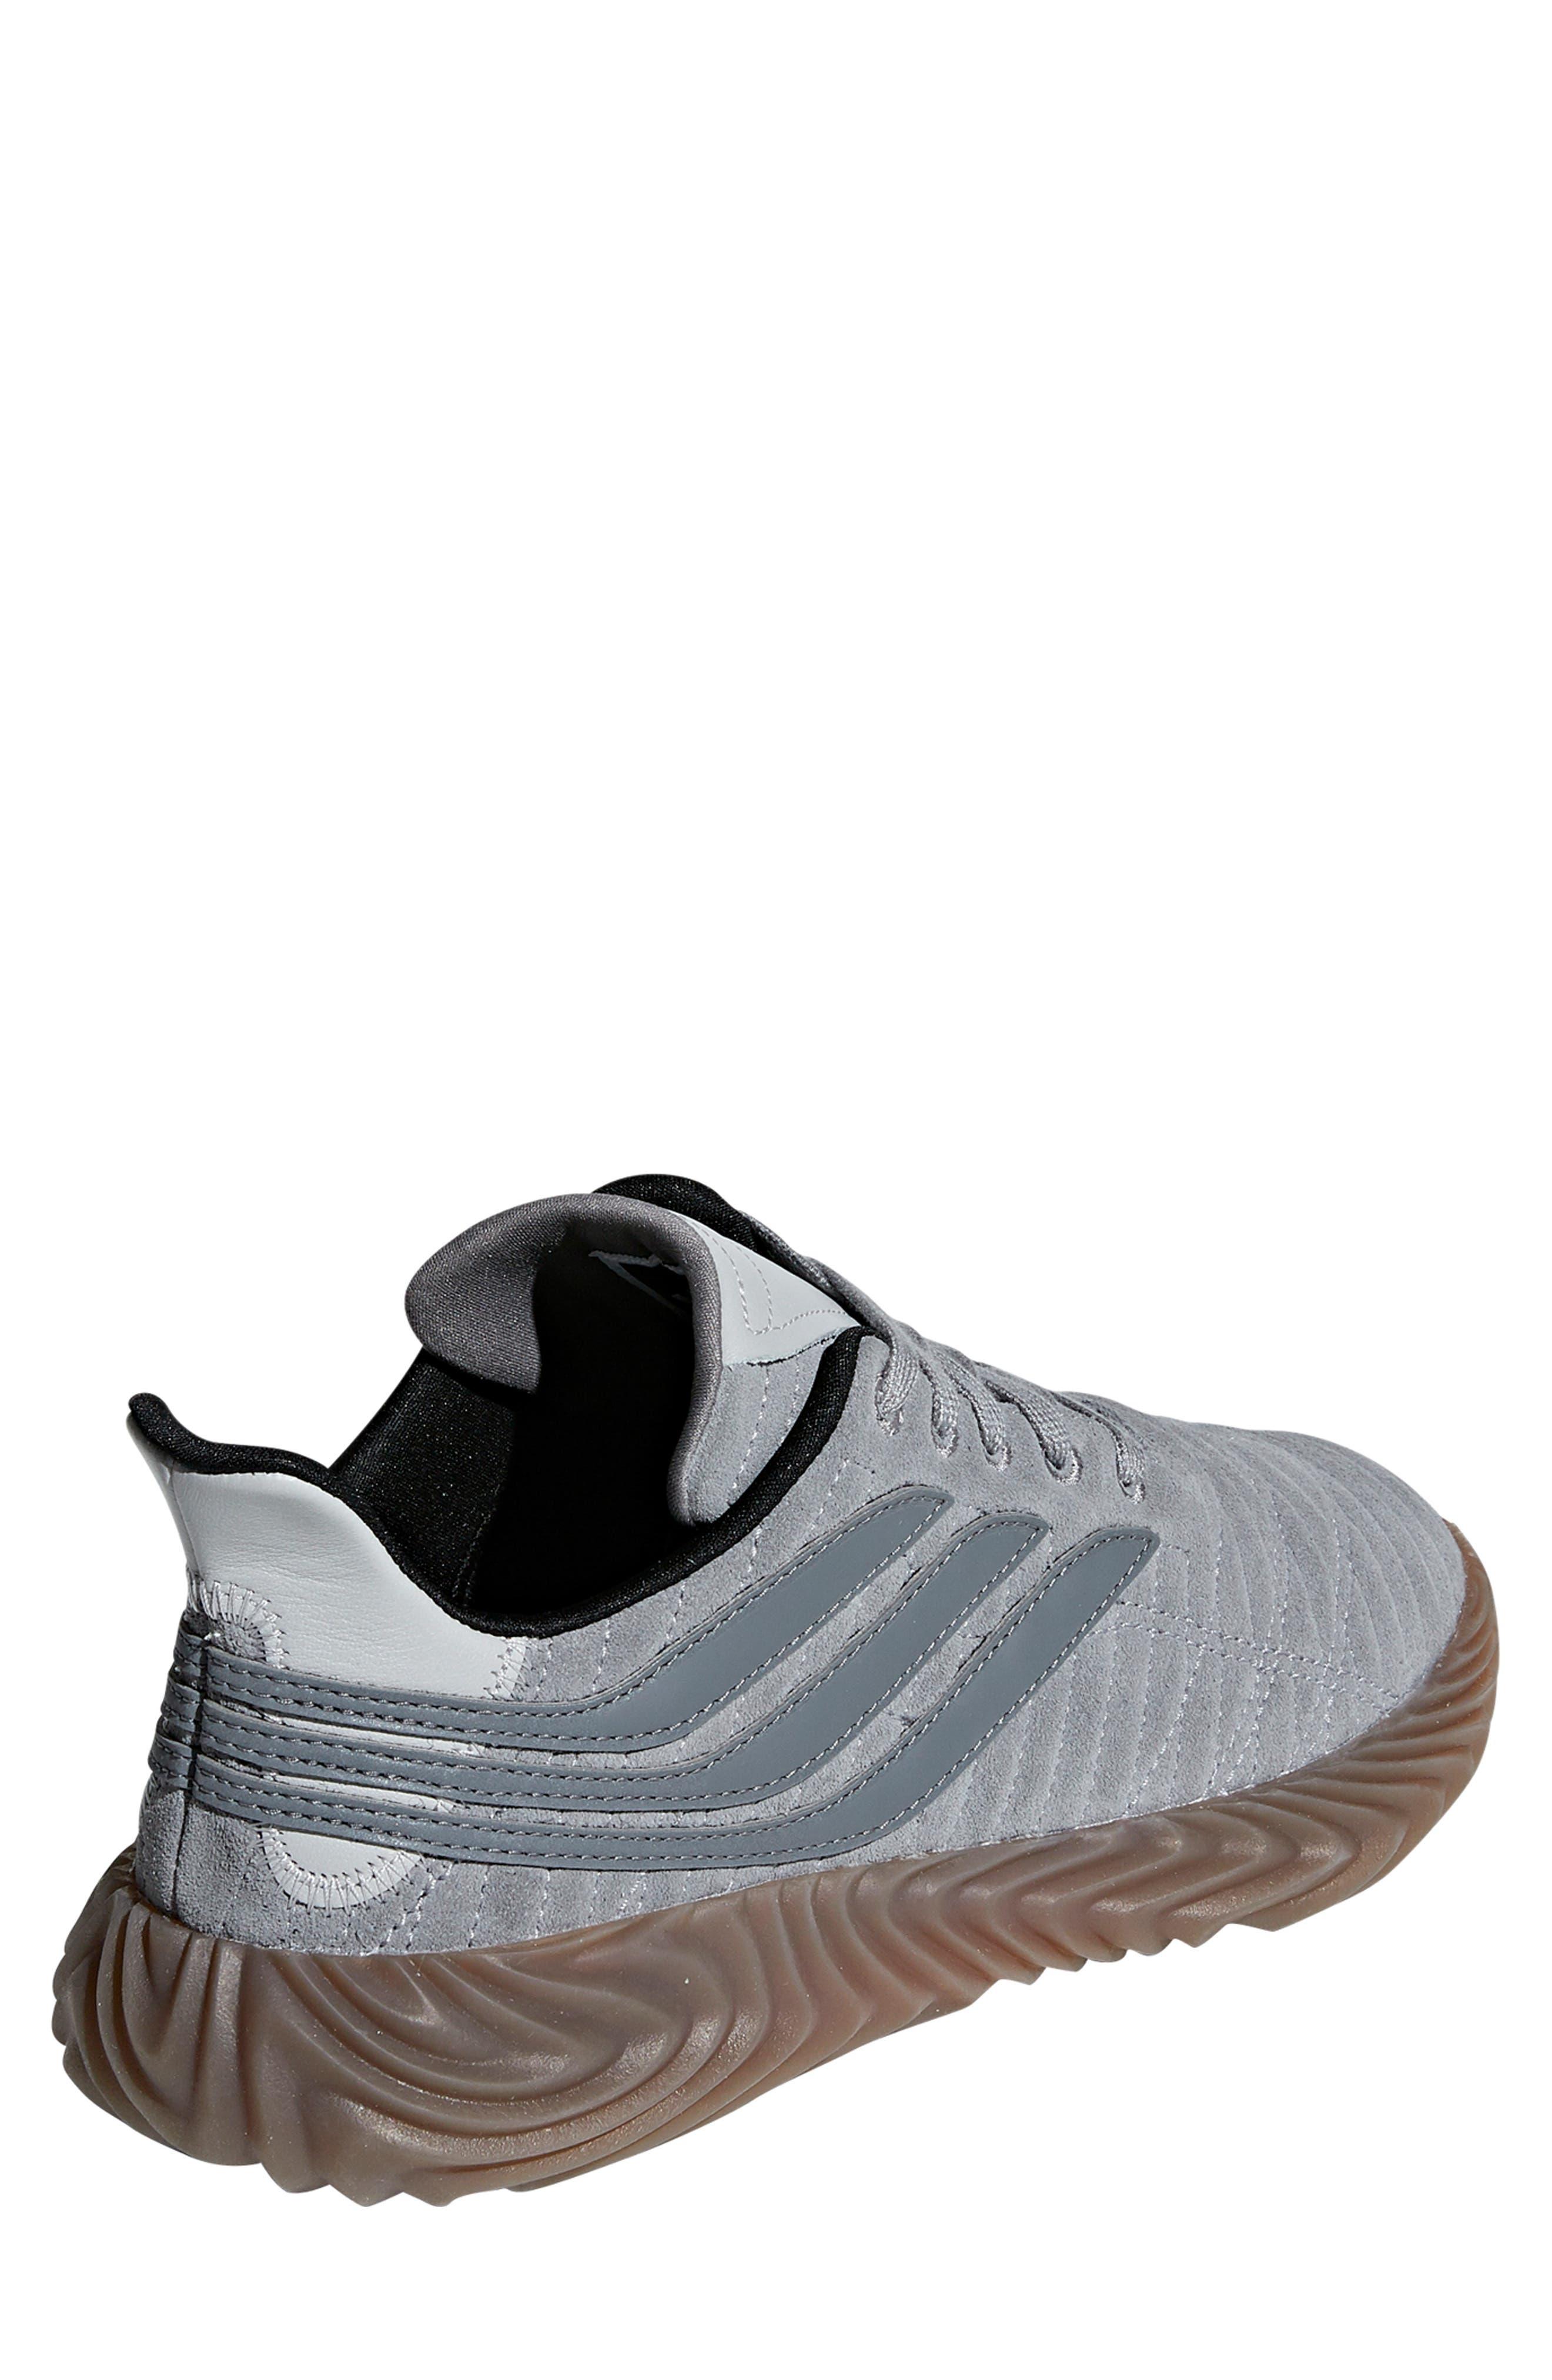 Sobakov Sneaker,                             Alternate thumbnail 2, color,                             GREY/ GREY